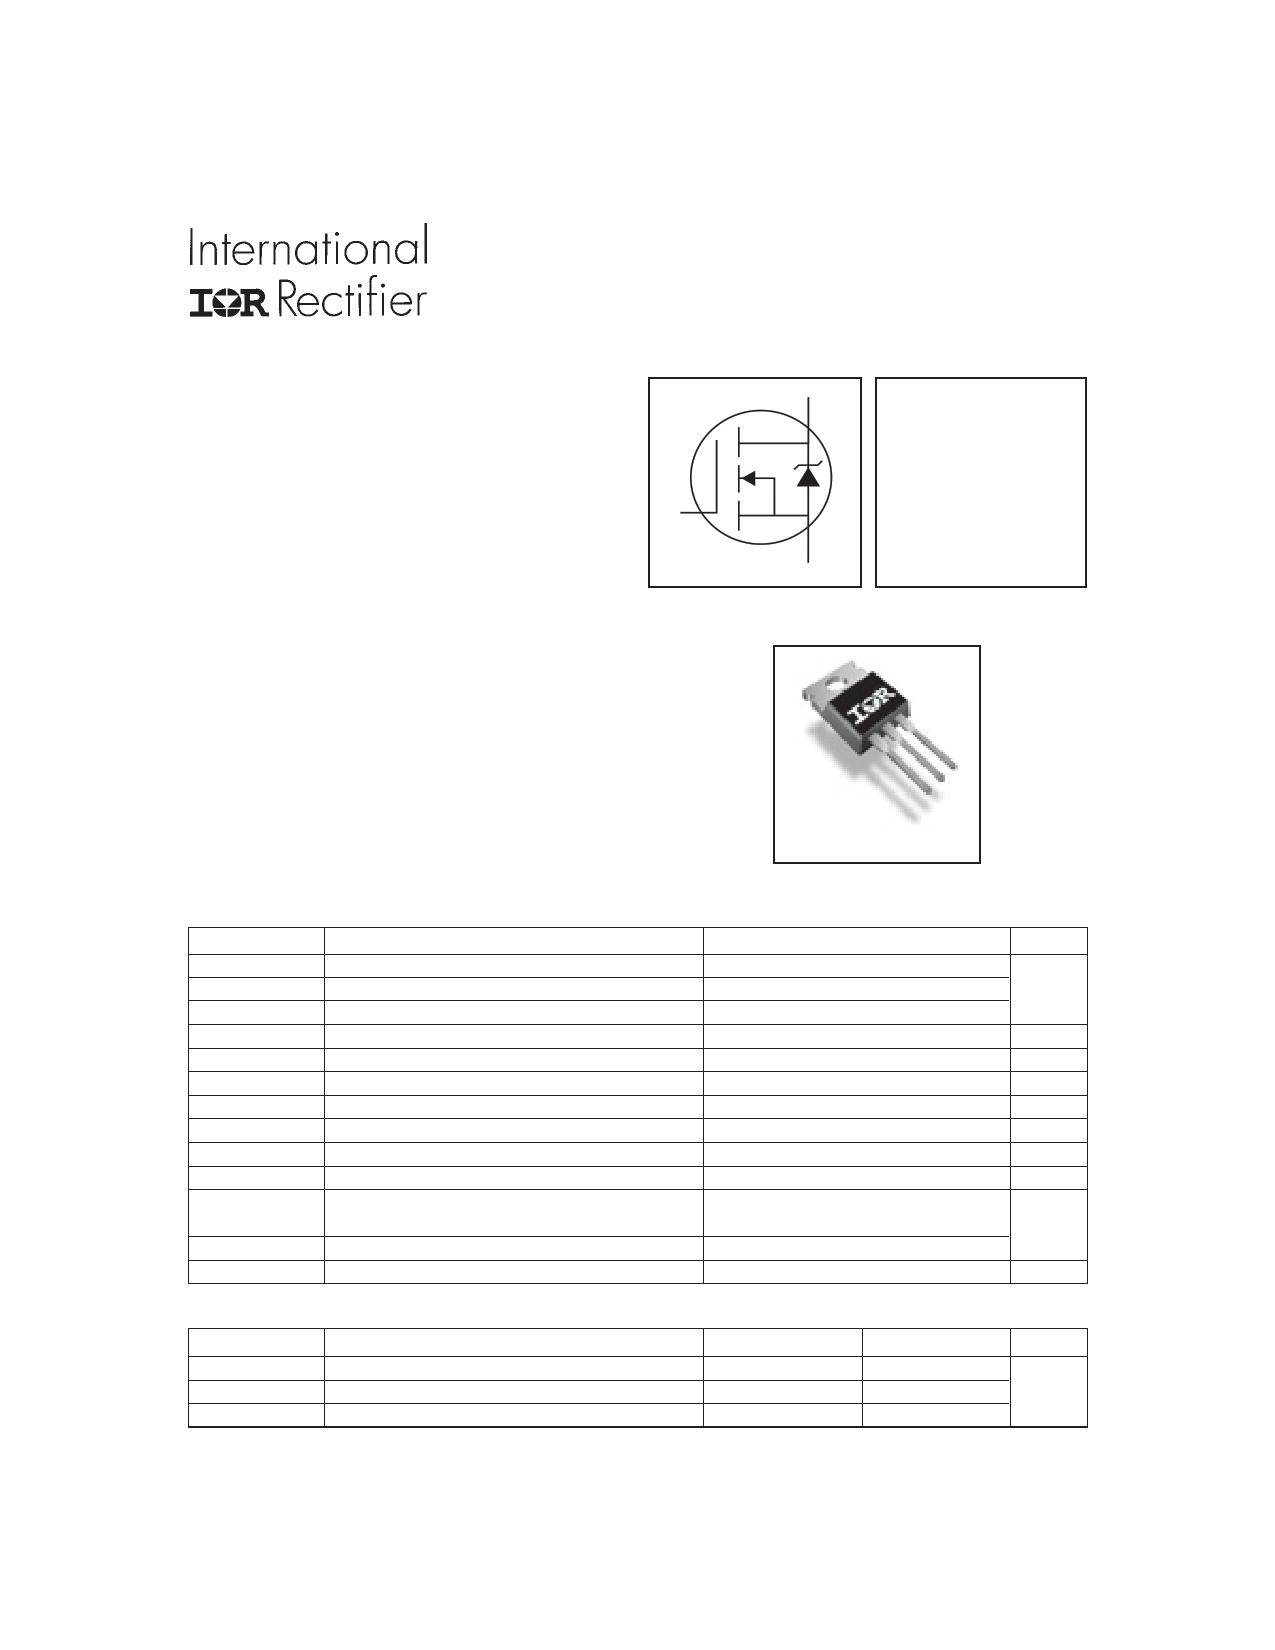 IRFZ48VPBF Datasheet, IRFZ48VPBF PDF,ピン配置, 機能